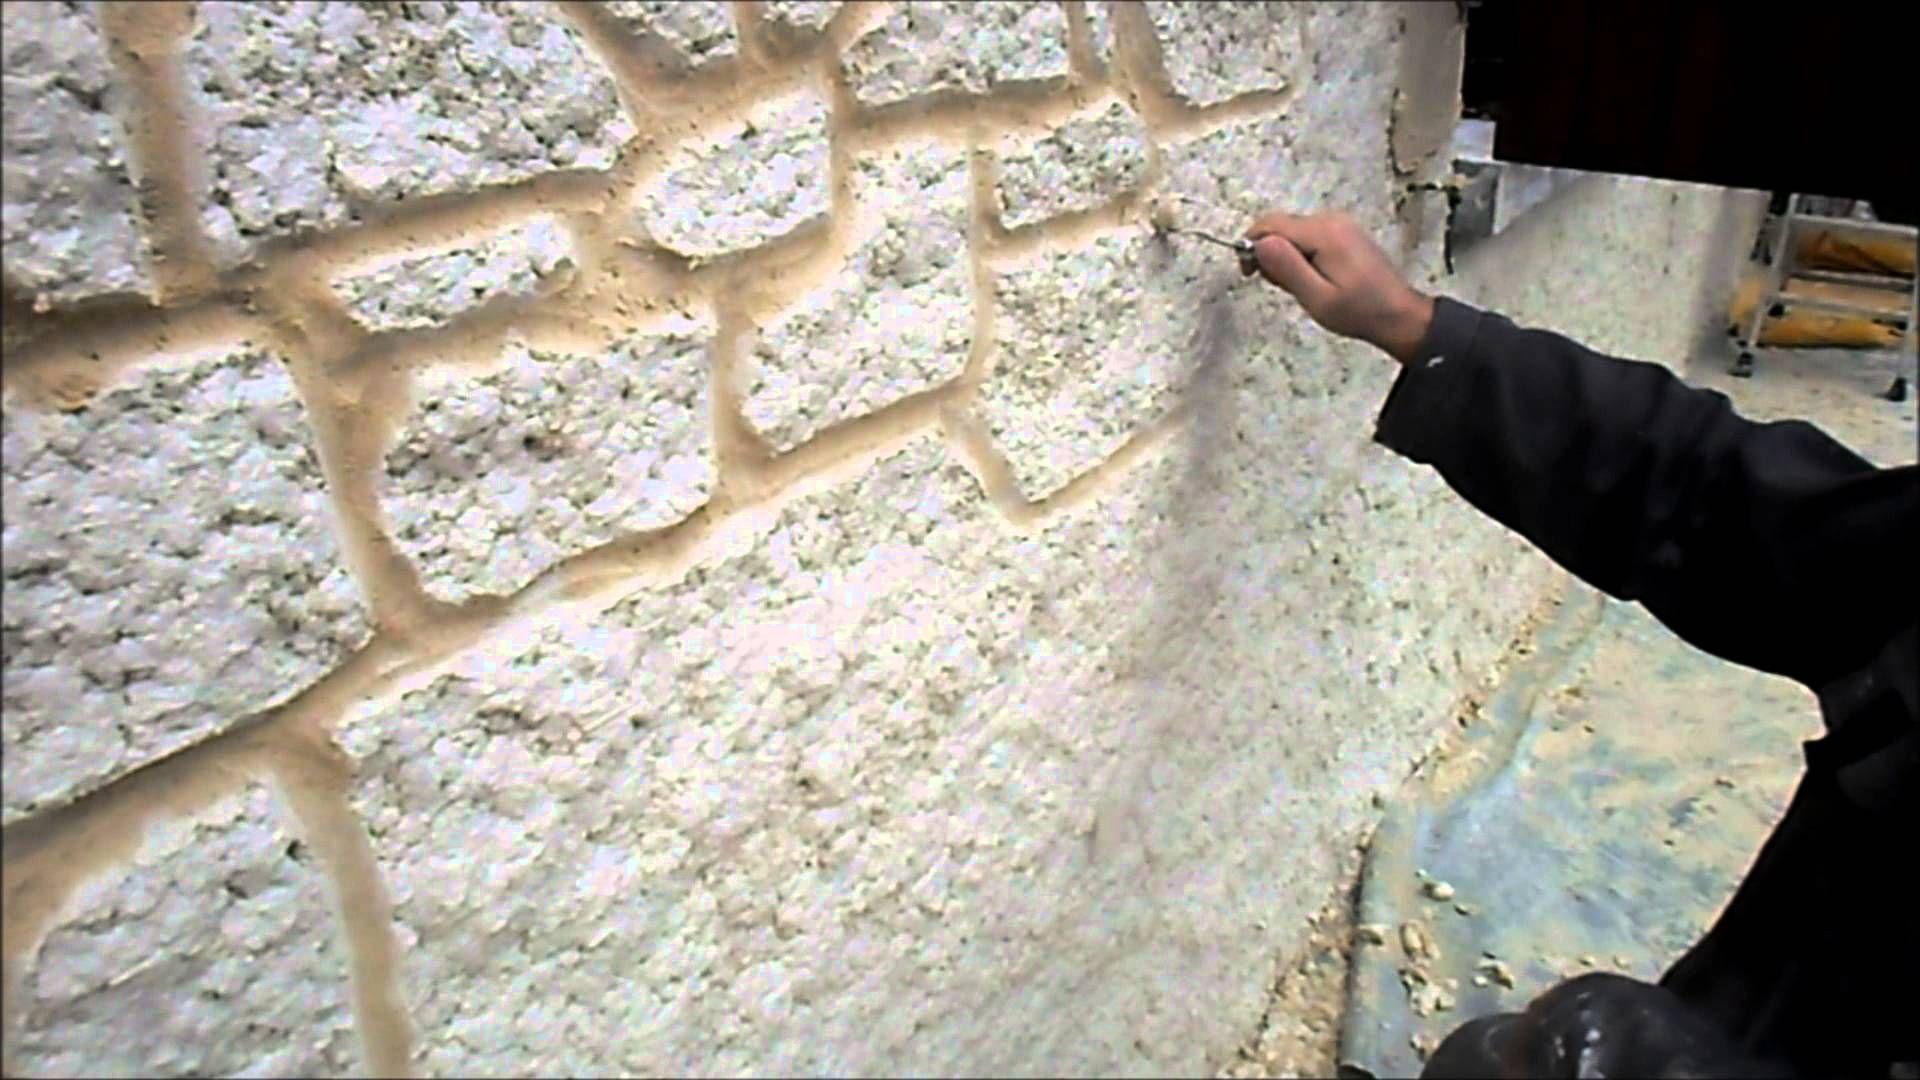 Sculpte Vos Envies De Murs Et Facades Avec Imipierre L Enduit Fausse Pierre Mieux Que Le Paremen Parement Pierre Exterieur Fausse Pierre Enduit Mur Interieur